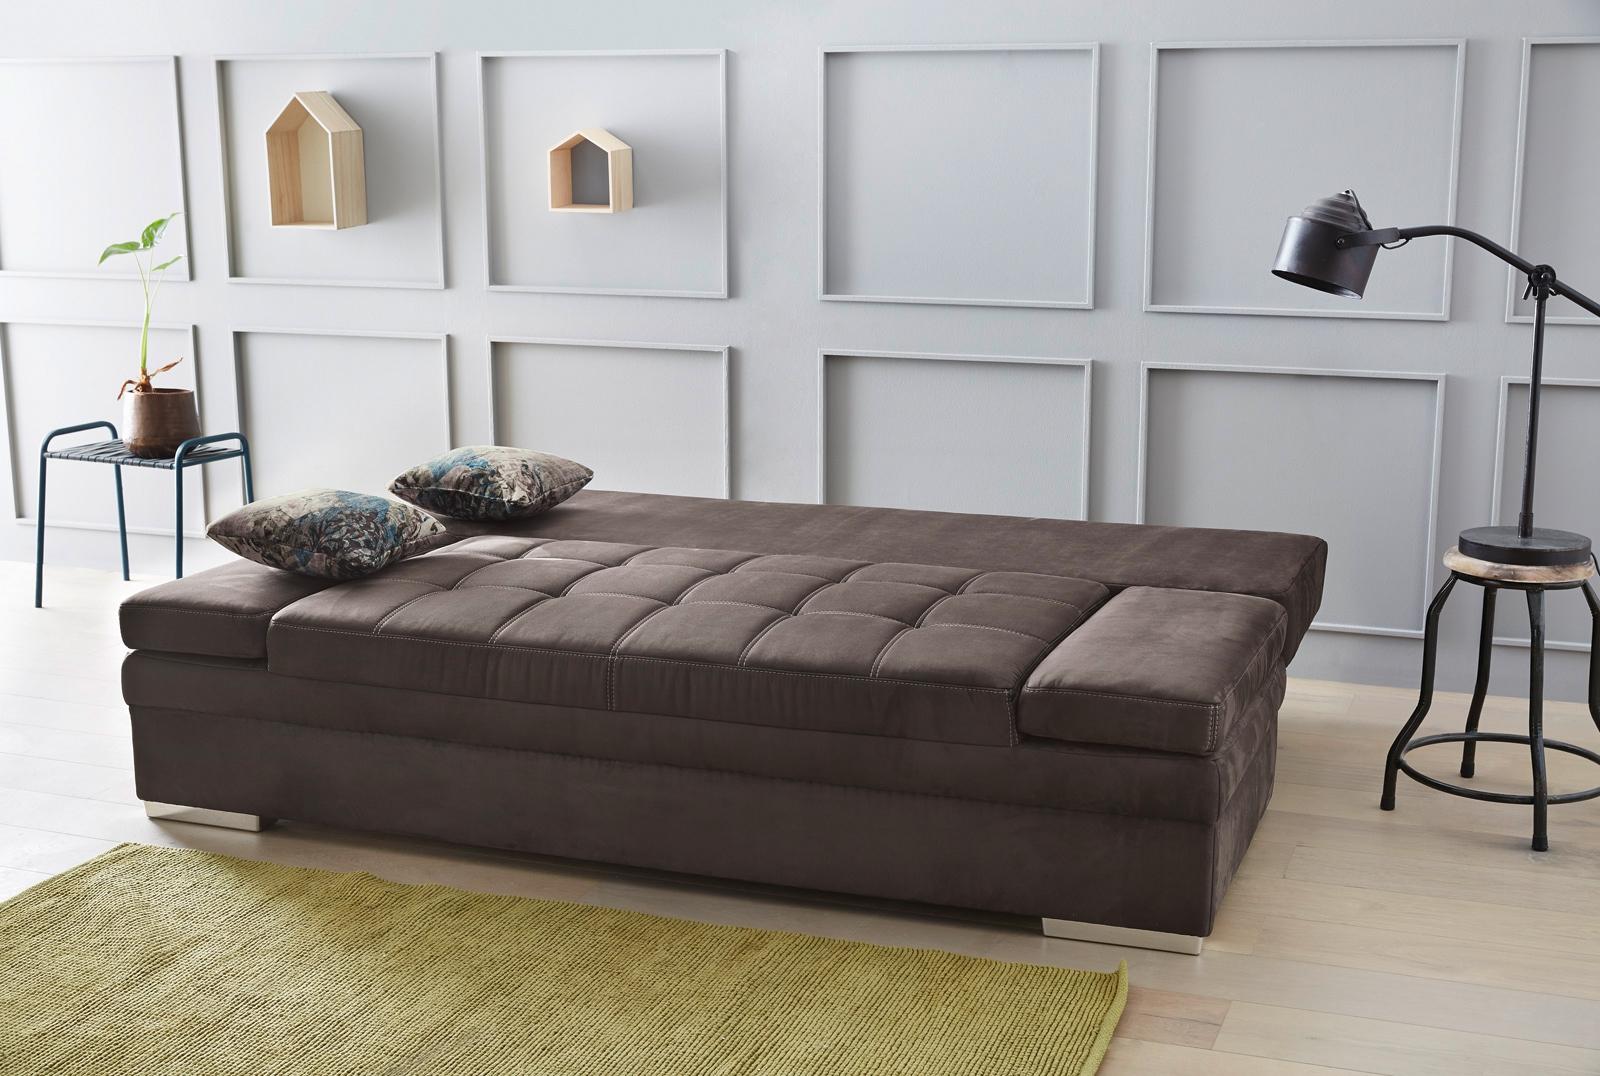 jockenh fer joshua funktionssofa in braun m bel letz ihr online shop. Black Bedroom Furniture Sets. Home Design Ideas